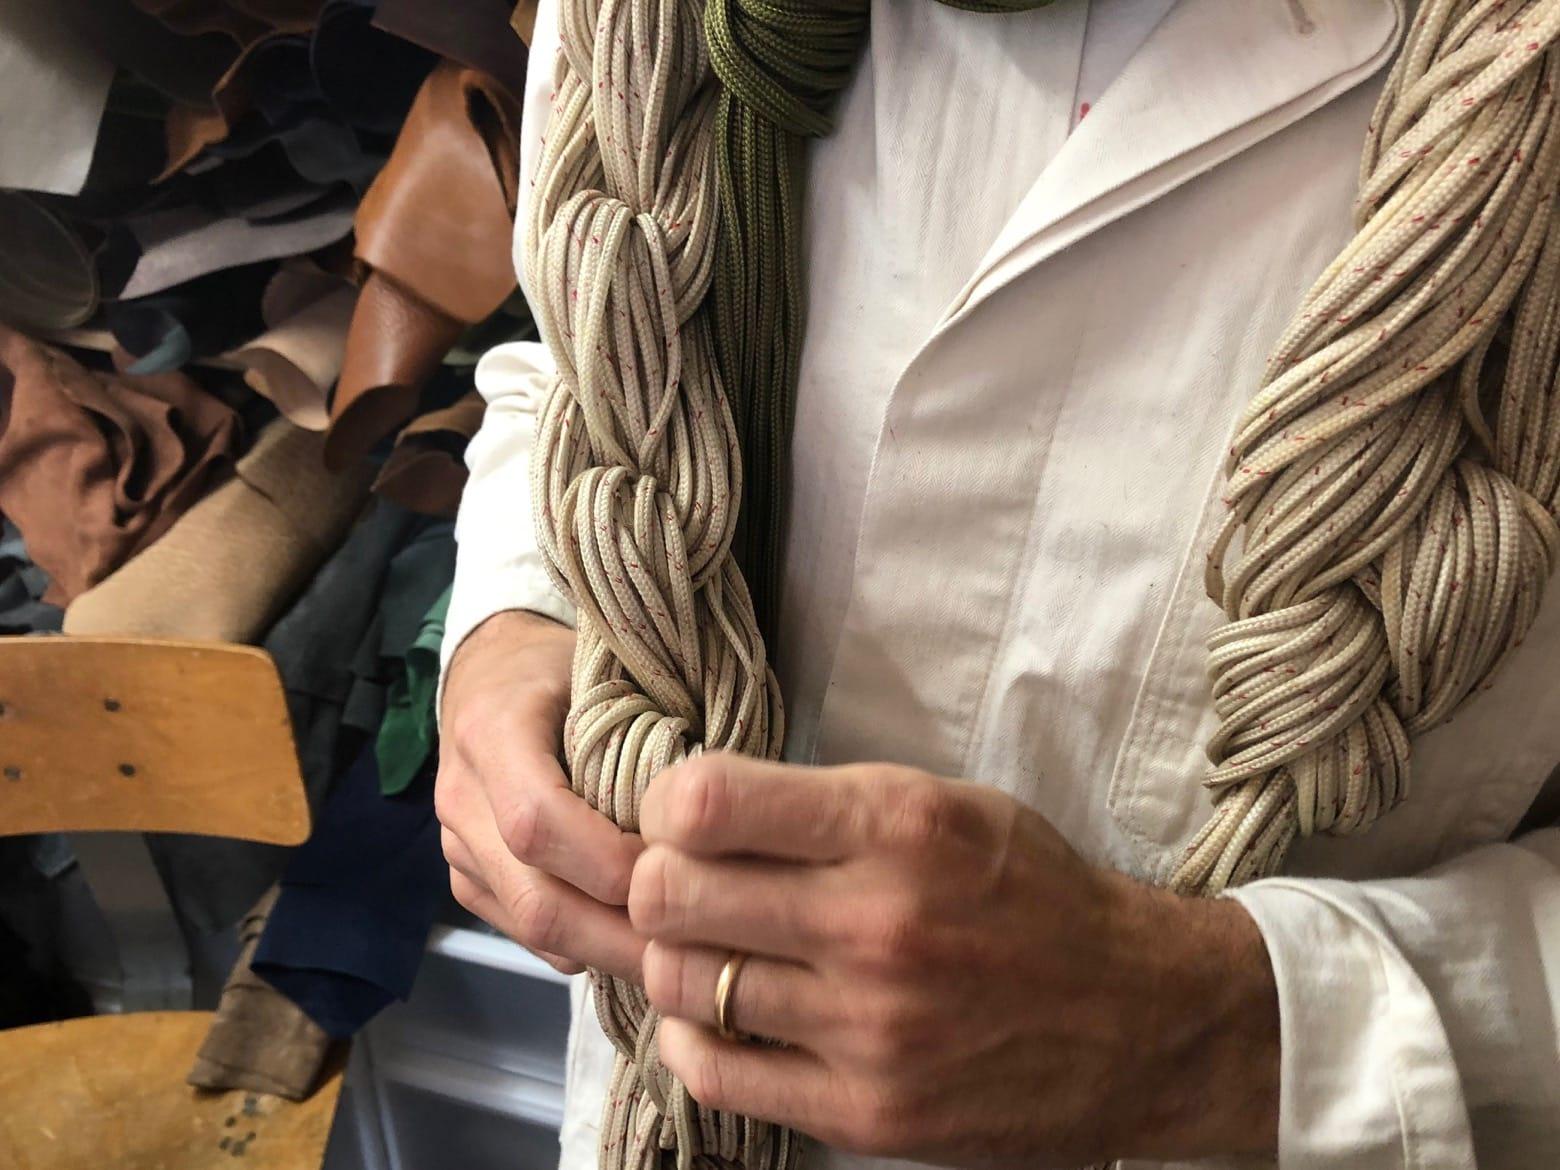 cordelette de parachute trouvée par brute clothing pur les cloches laperruque